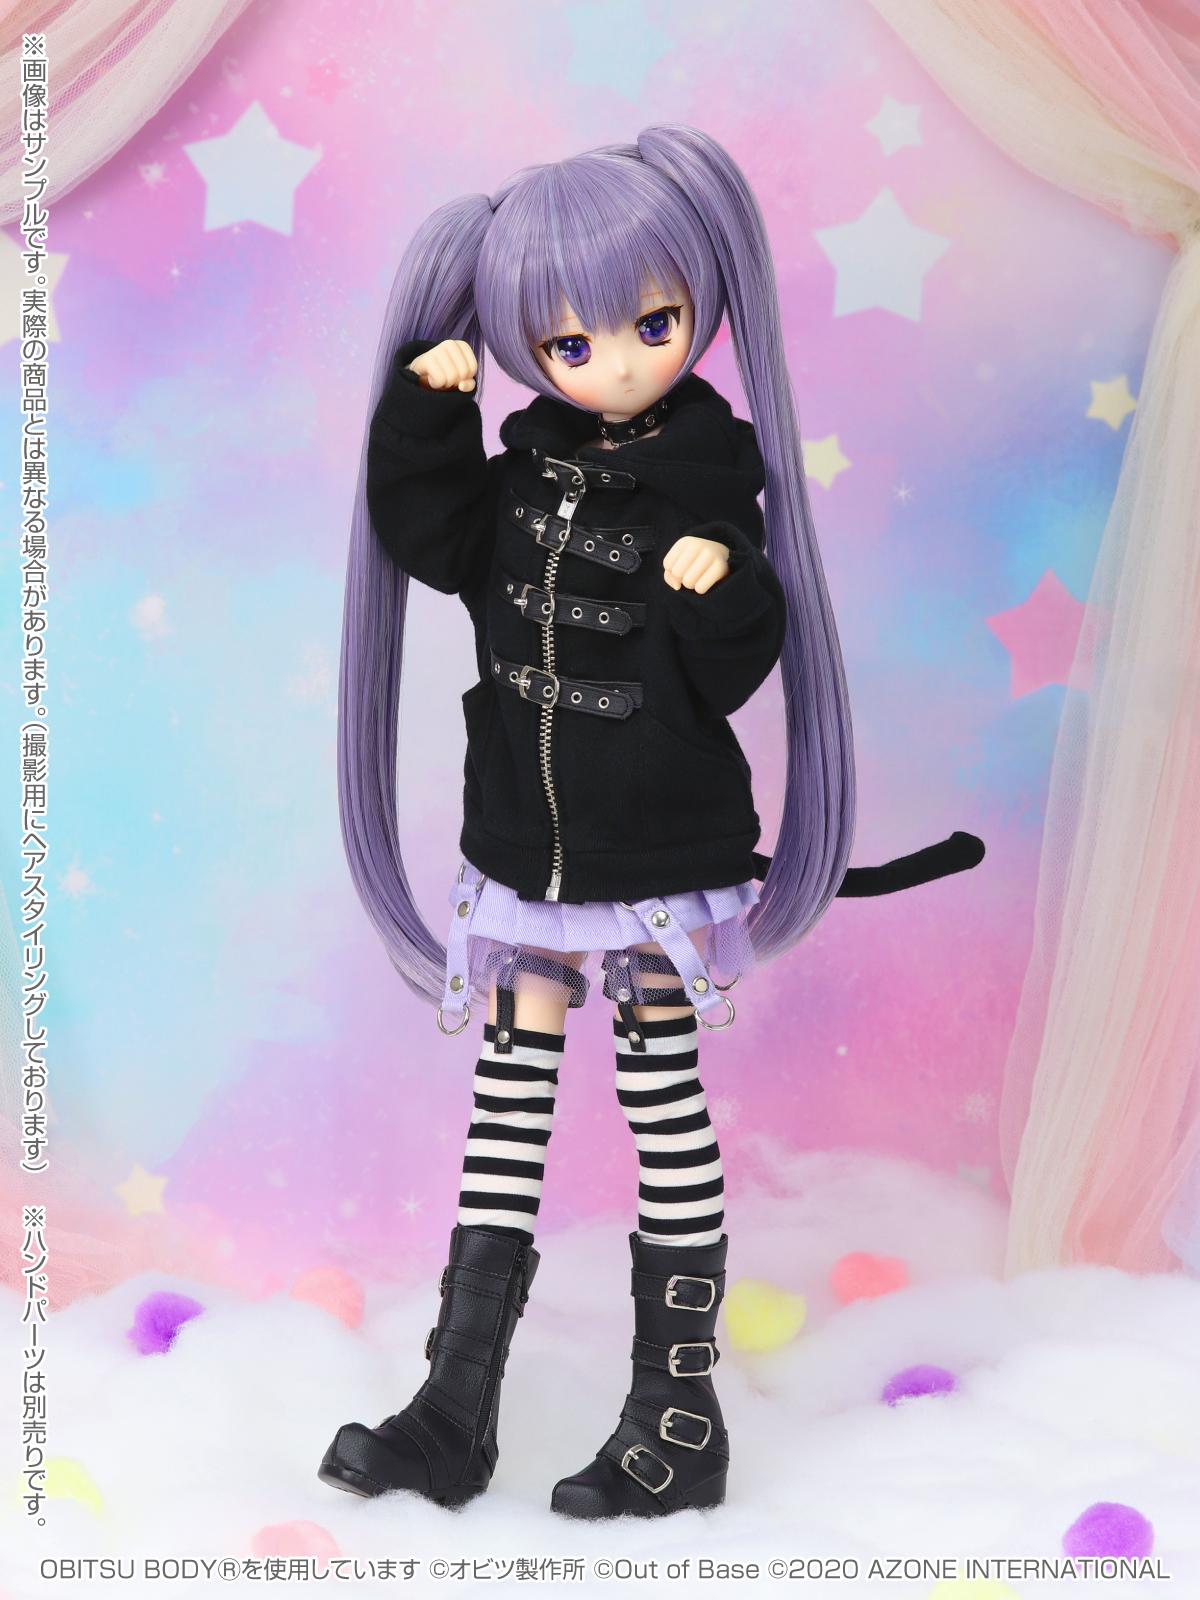 【限定販売】Iris Collect petit『すずね/Noraneko drops ver.1.1(アゾンダイレクトストア販売ver.)』1/3 完成品ドール-003